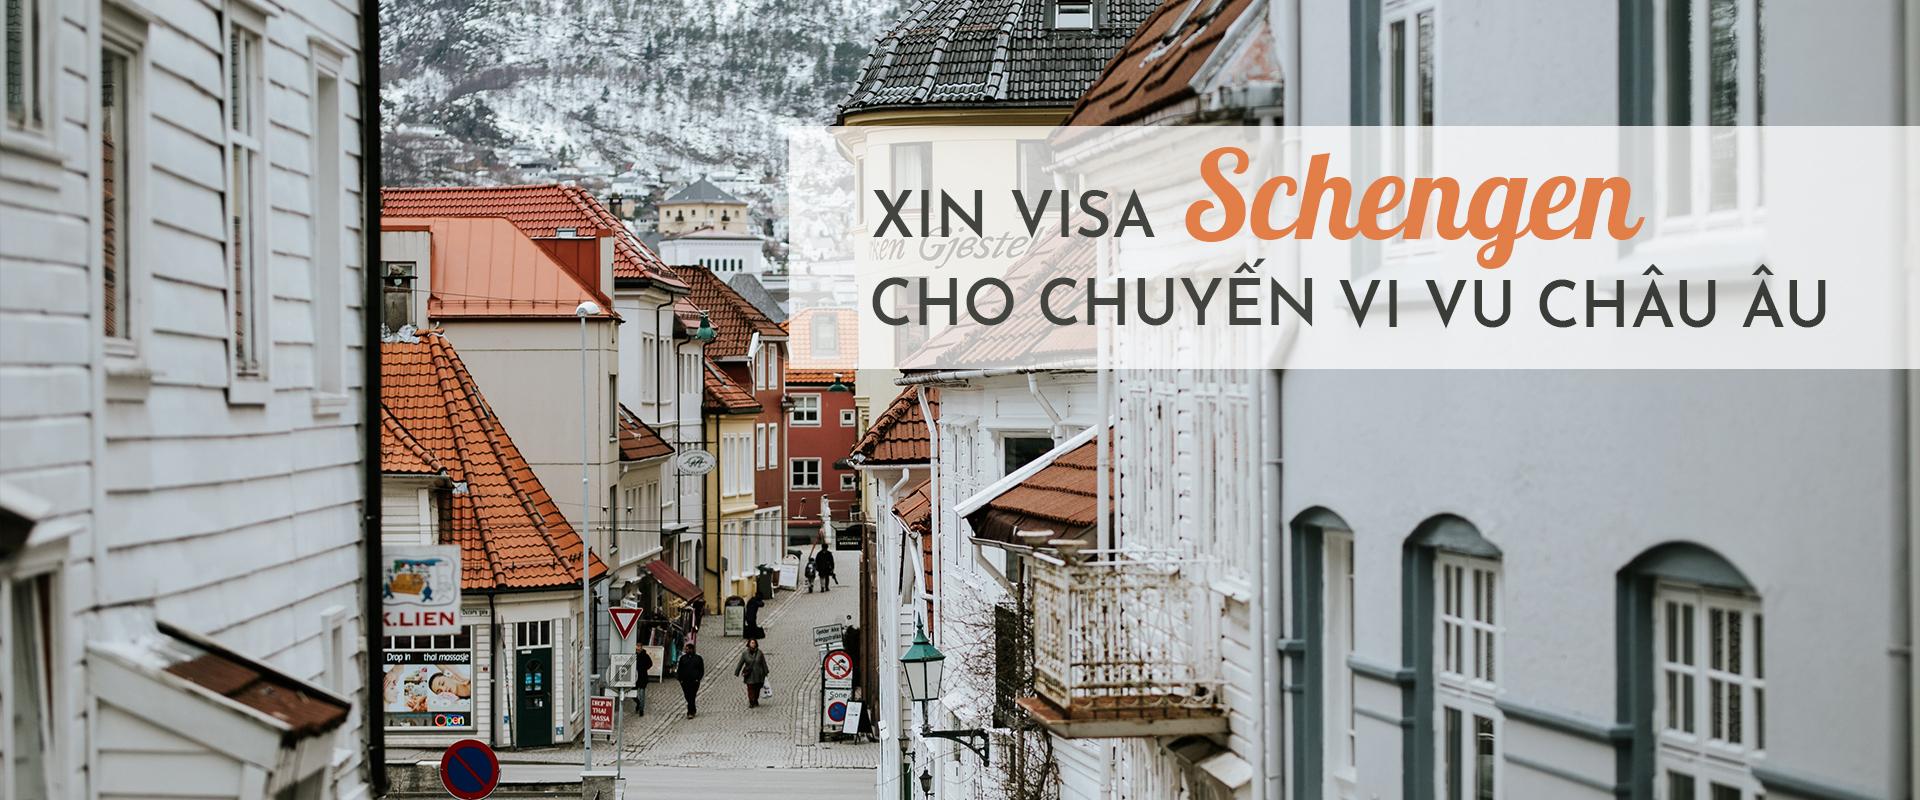 Bí kíp xin visa Schengen cho chuyến vi vu châu Âu